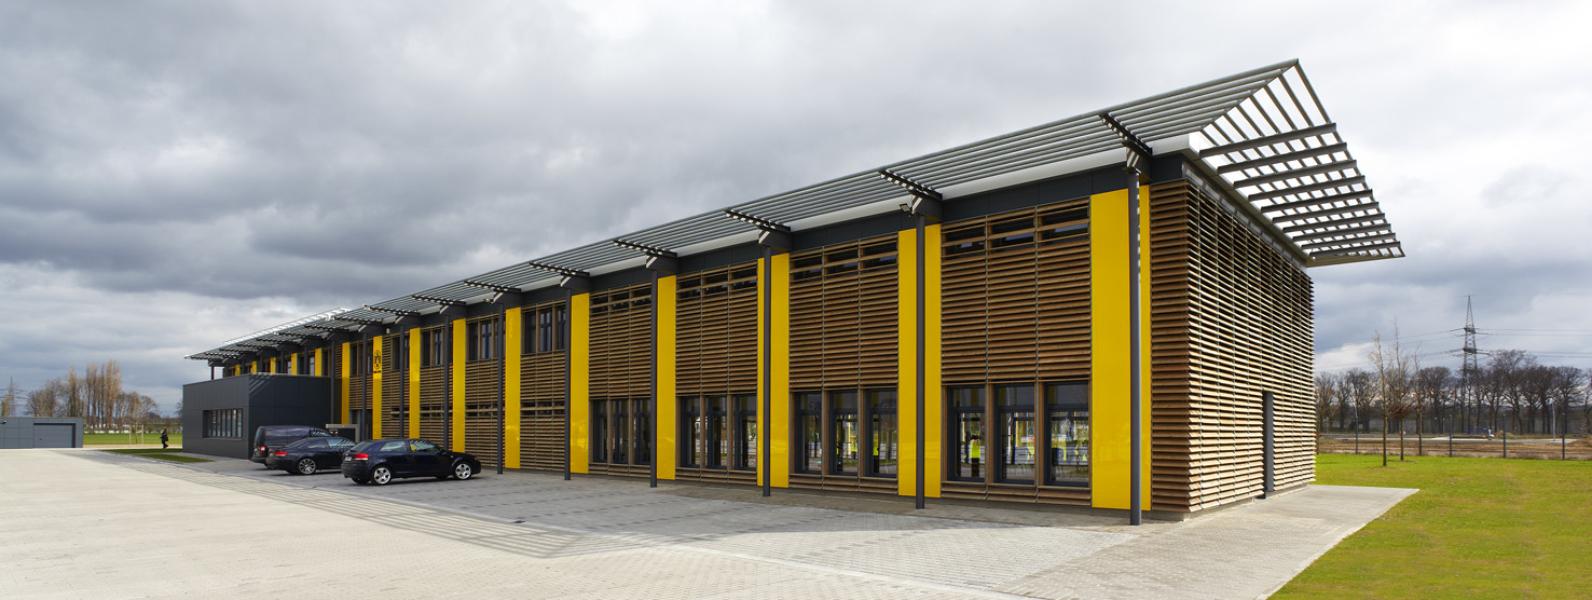 BVB, Borussia Dortmund, Profi Trainingszentrum, Fußball SHA Scheffler Helbich Architekten Dortmund